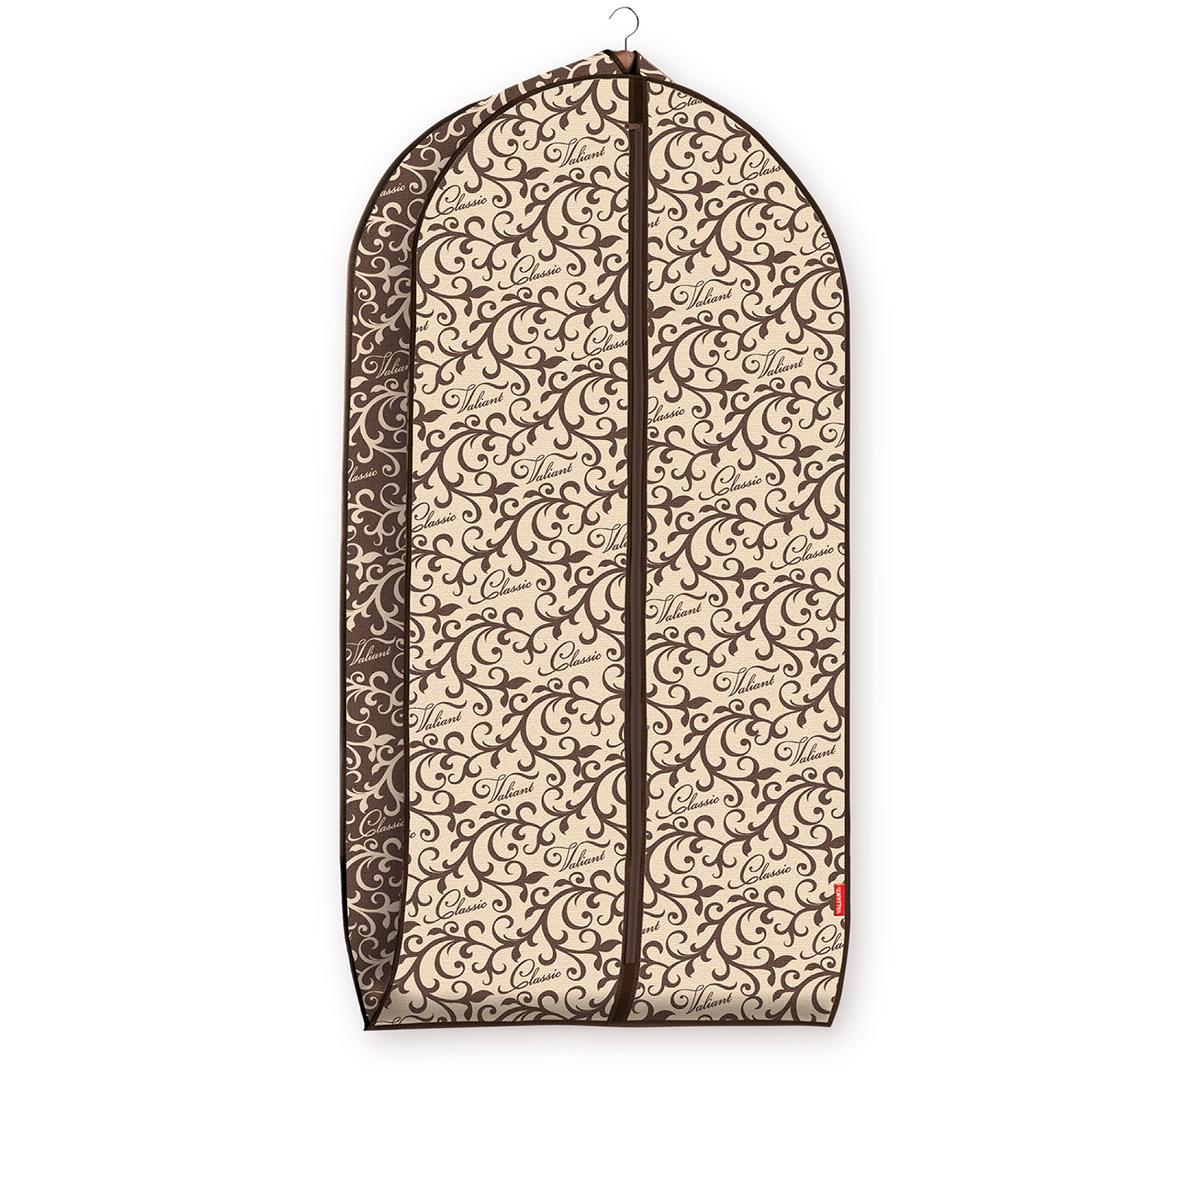 Чехол для одежды Valiant Classic, объемный, 60 х 100 х 10 см1004900000360Чехол для одежды Valiant Classic изготовлен из высококачественного нетканого материала, который обеспечивает естественную вентиляцию, позволяя воздуху проникать внутрь, но не пропускает пыль. Чехол очень удобен в использовании. Наличие боковой вставки увеличивает объем чехла, что позволяет хранить крупные объемные вещи. Чехол легко открывается и закрывается застежкой-молнией. Идеально подойдет для хранения одежды и удобной перевозки. Оригинальный дизайн Classic придется по вкусу ценительницам прекрасного. Изысканный благородный узор будет гармонично смотреться в современном классическом интерьере.